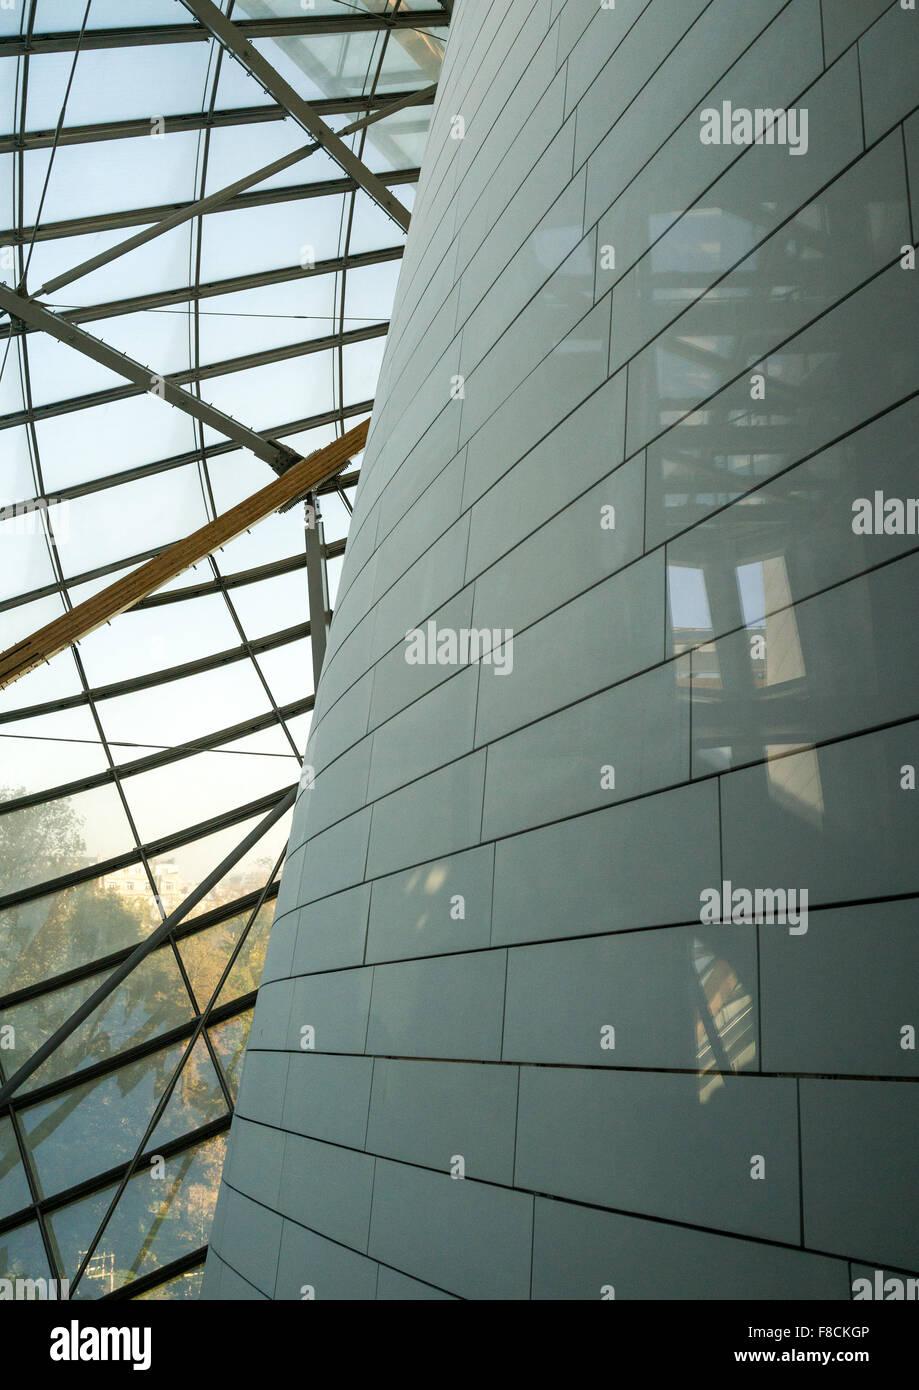 Detail Glas Segel des Louis Vuitton Stiftung Museum gebaut von Frank Gehry, Bois De Boulogne, Paris, Frankreich Stockbild